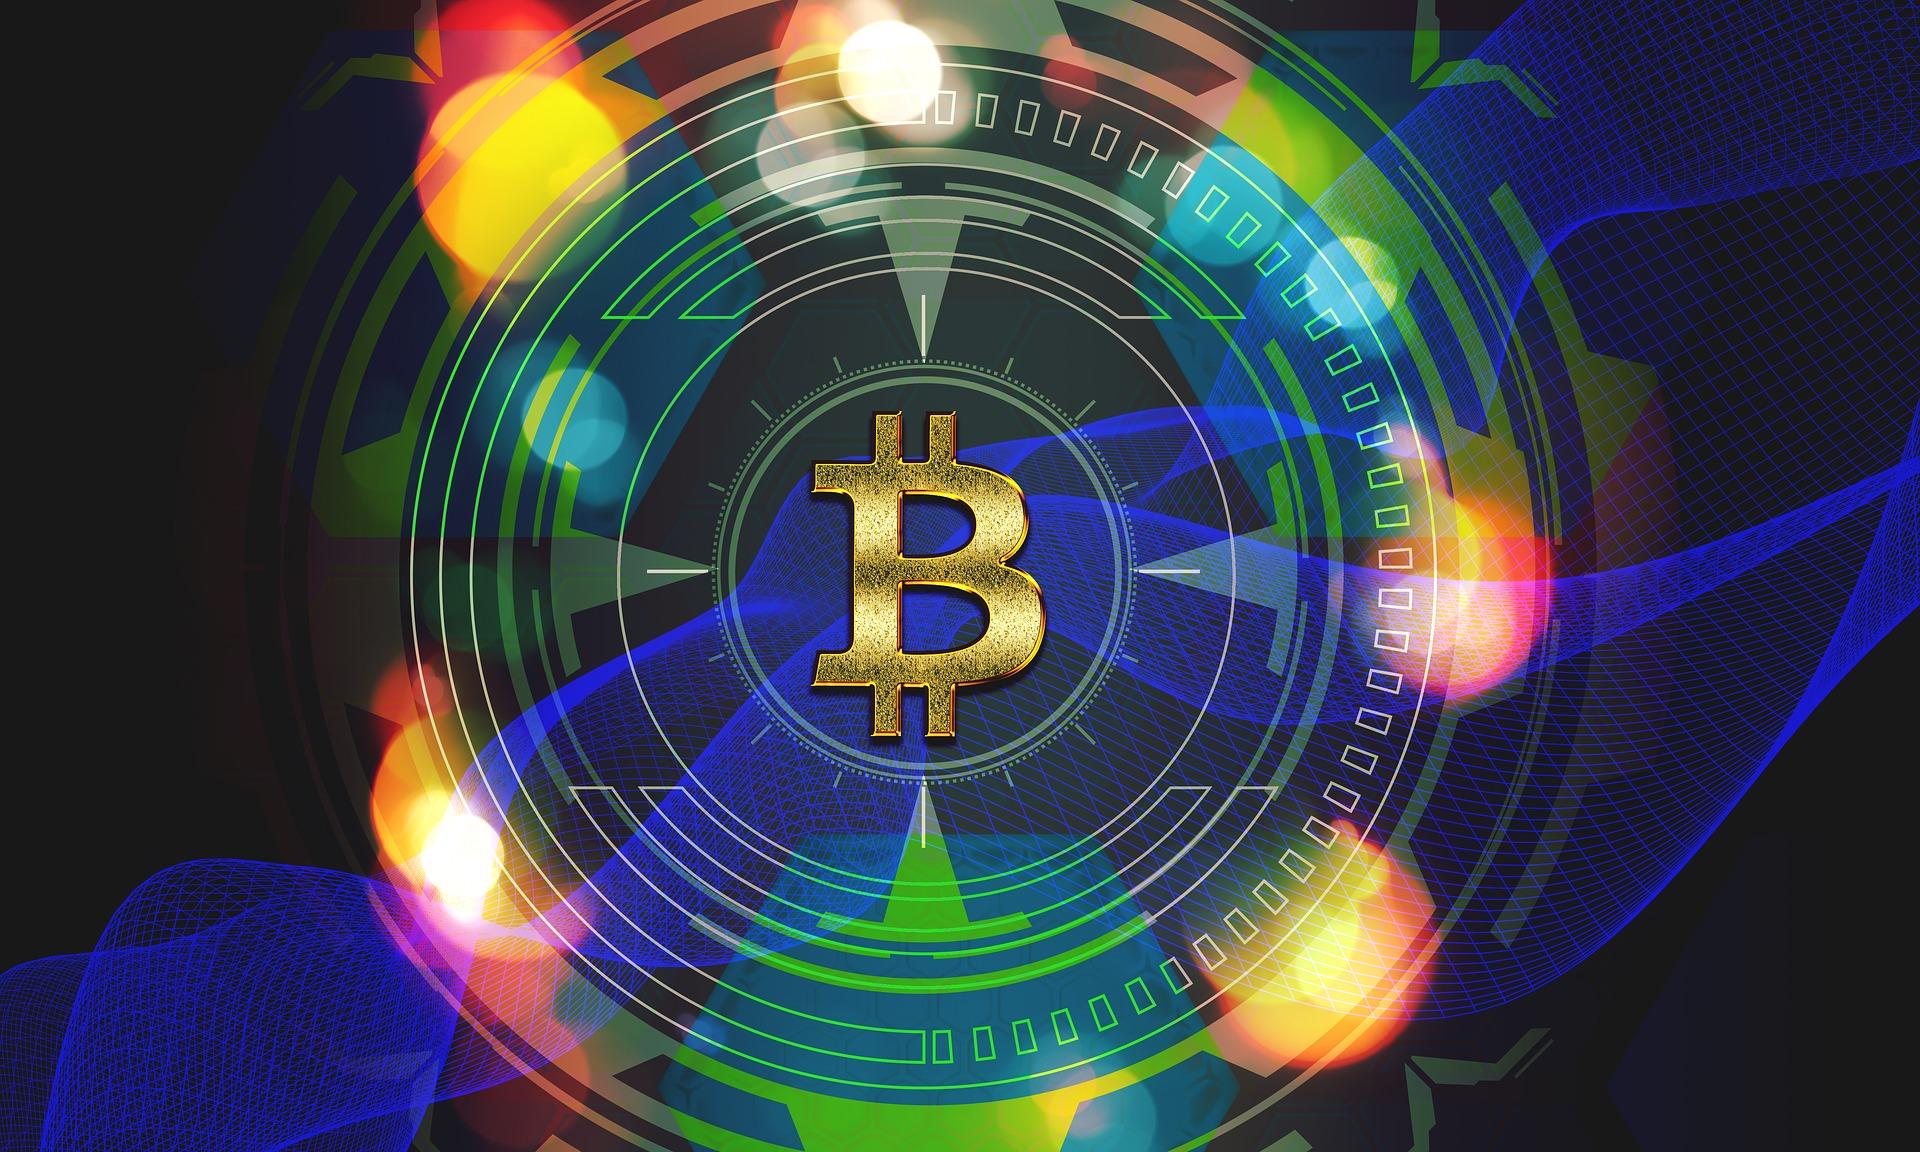 Bei Bitcoin Code gibt es handelbare Preise